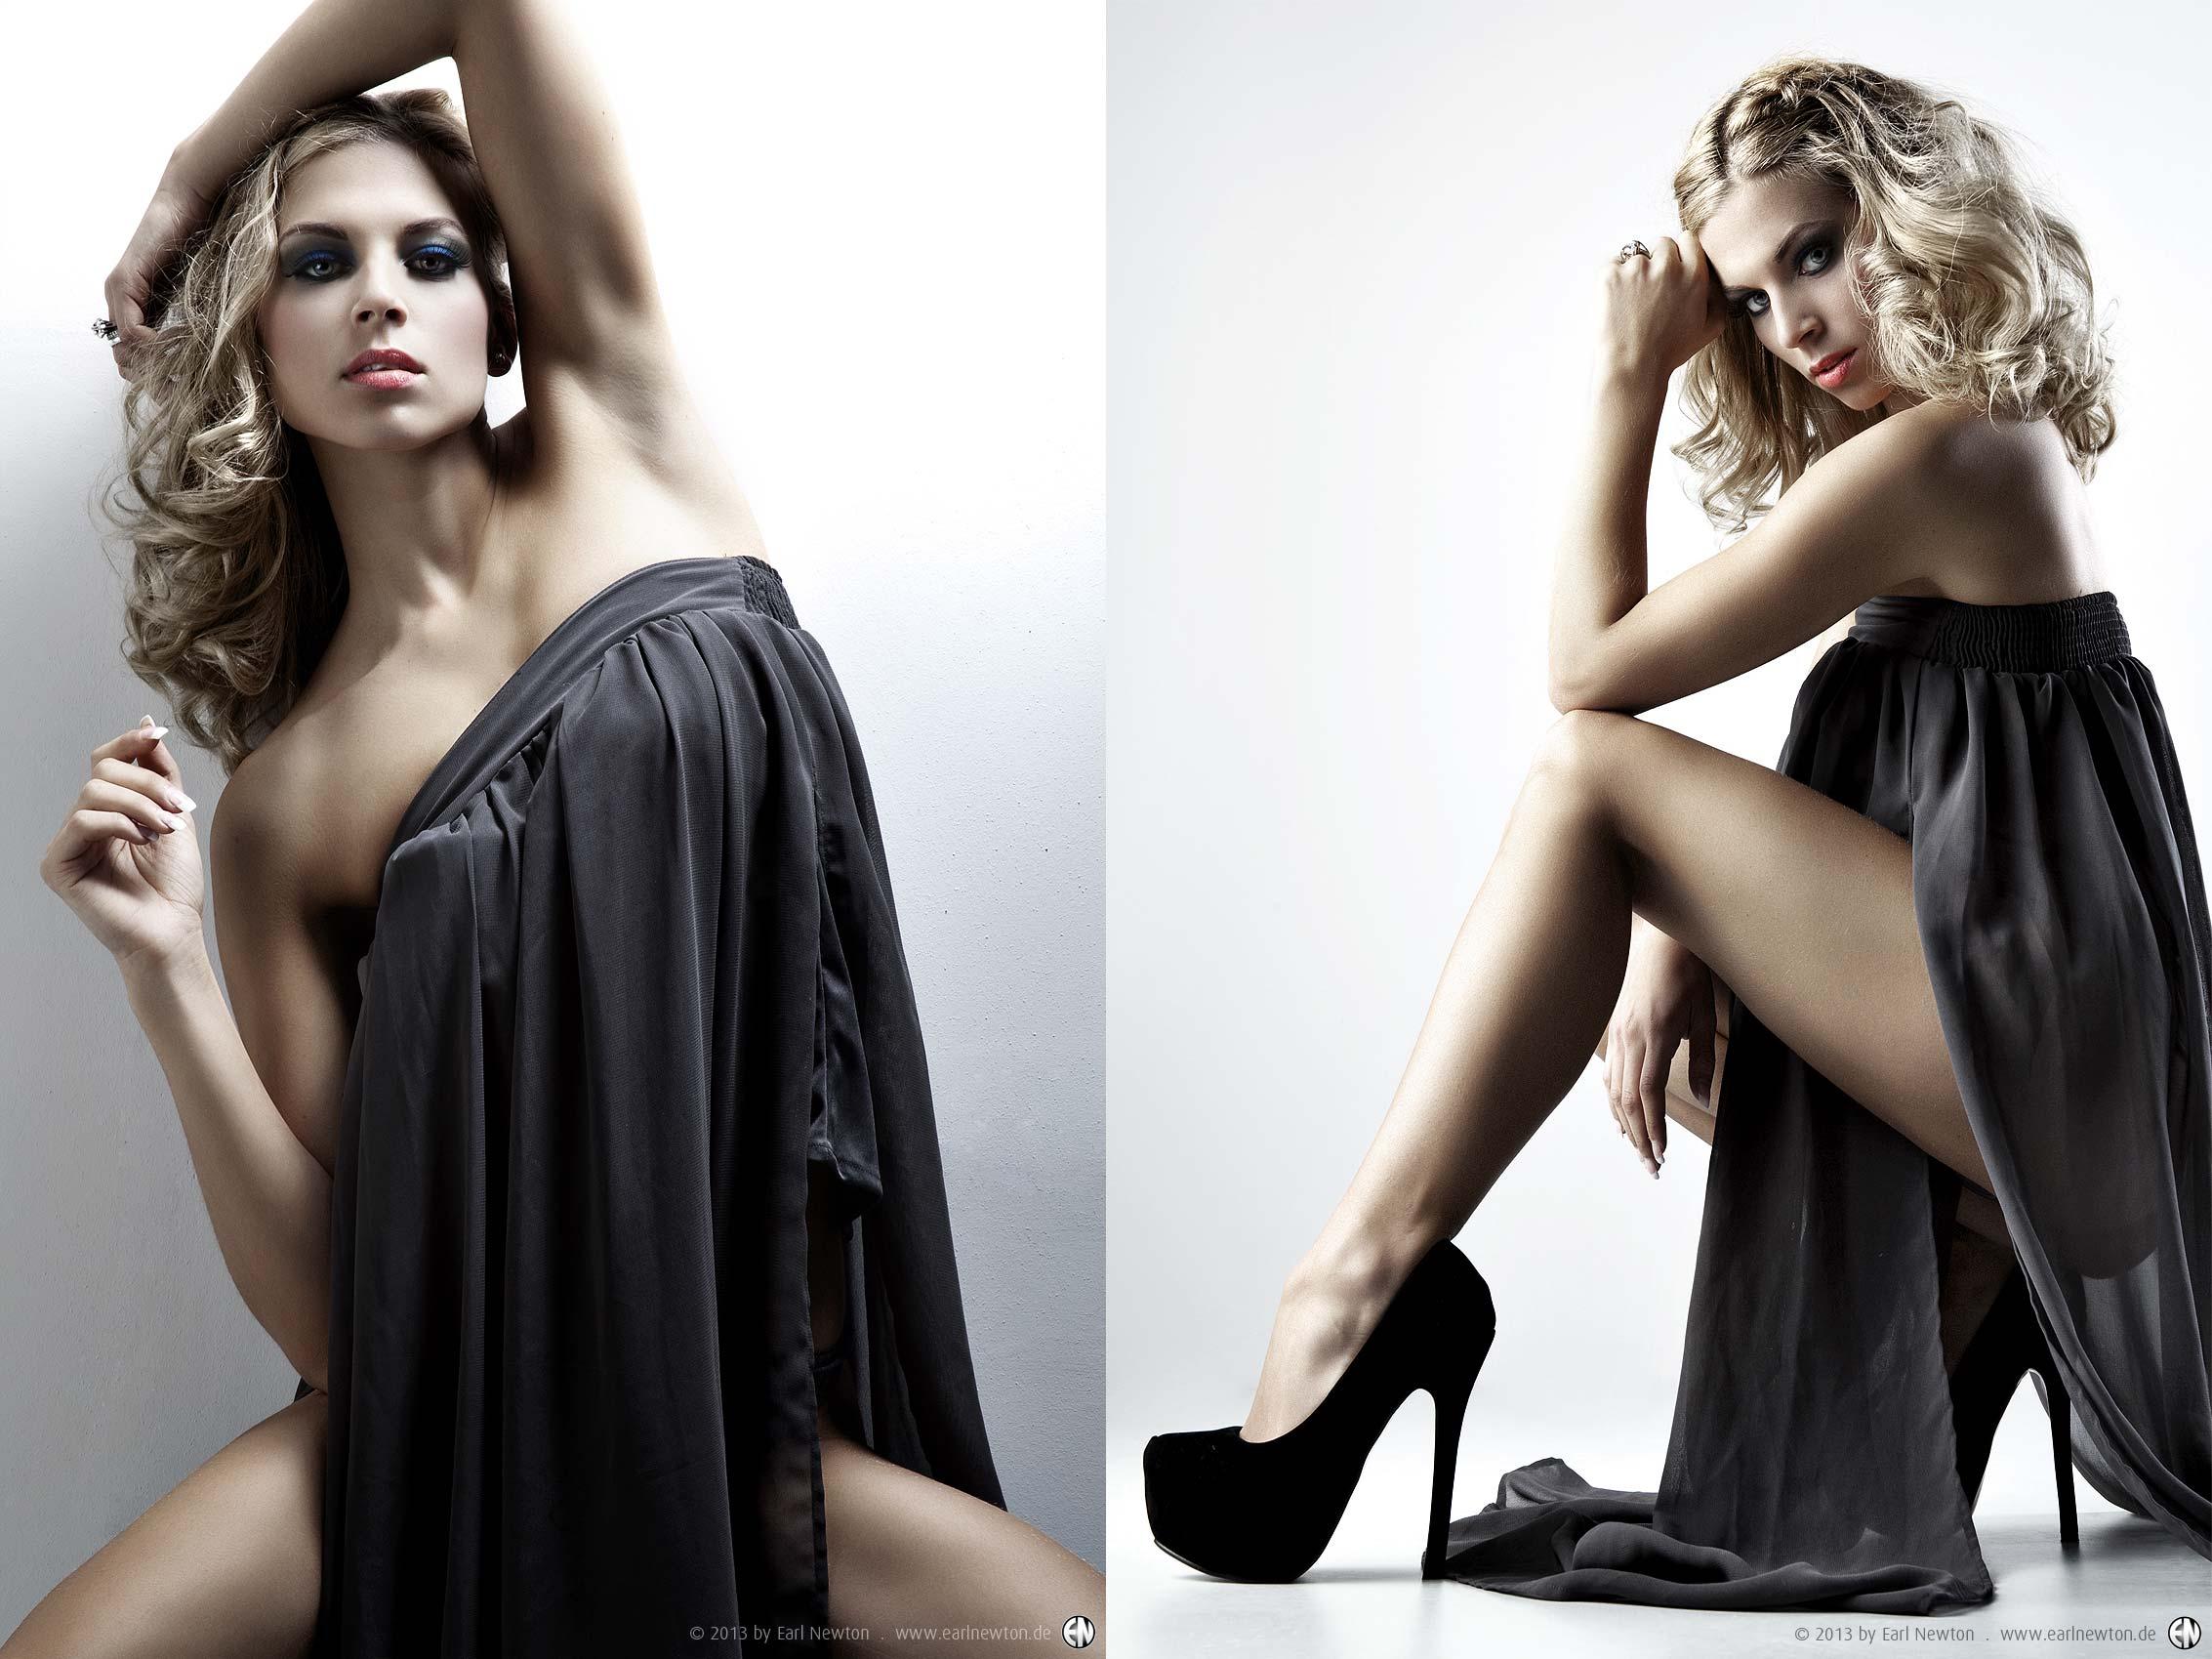 vikram photo shoot images 8g